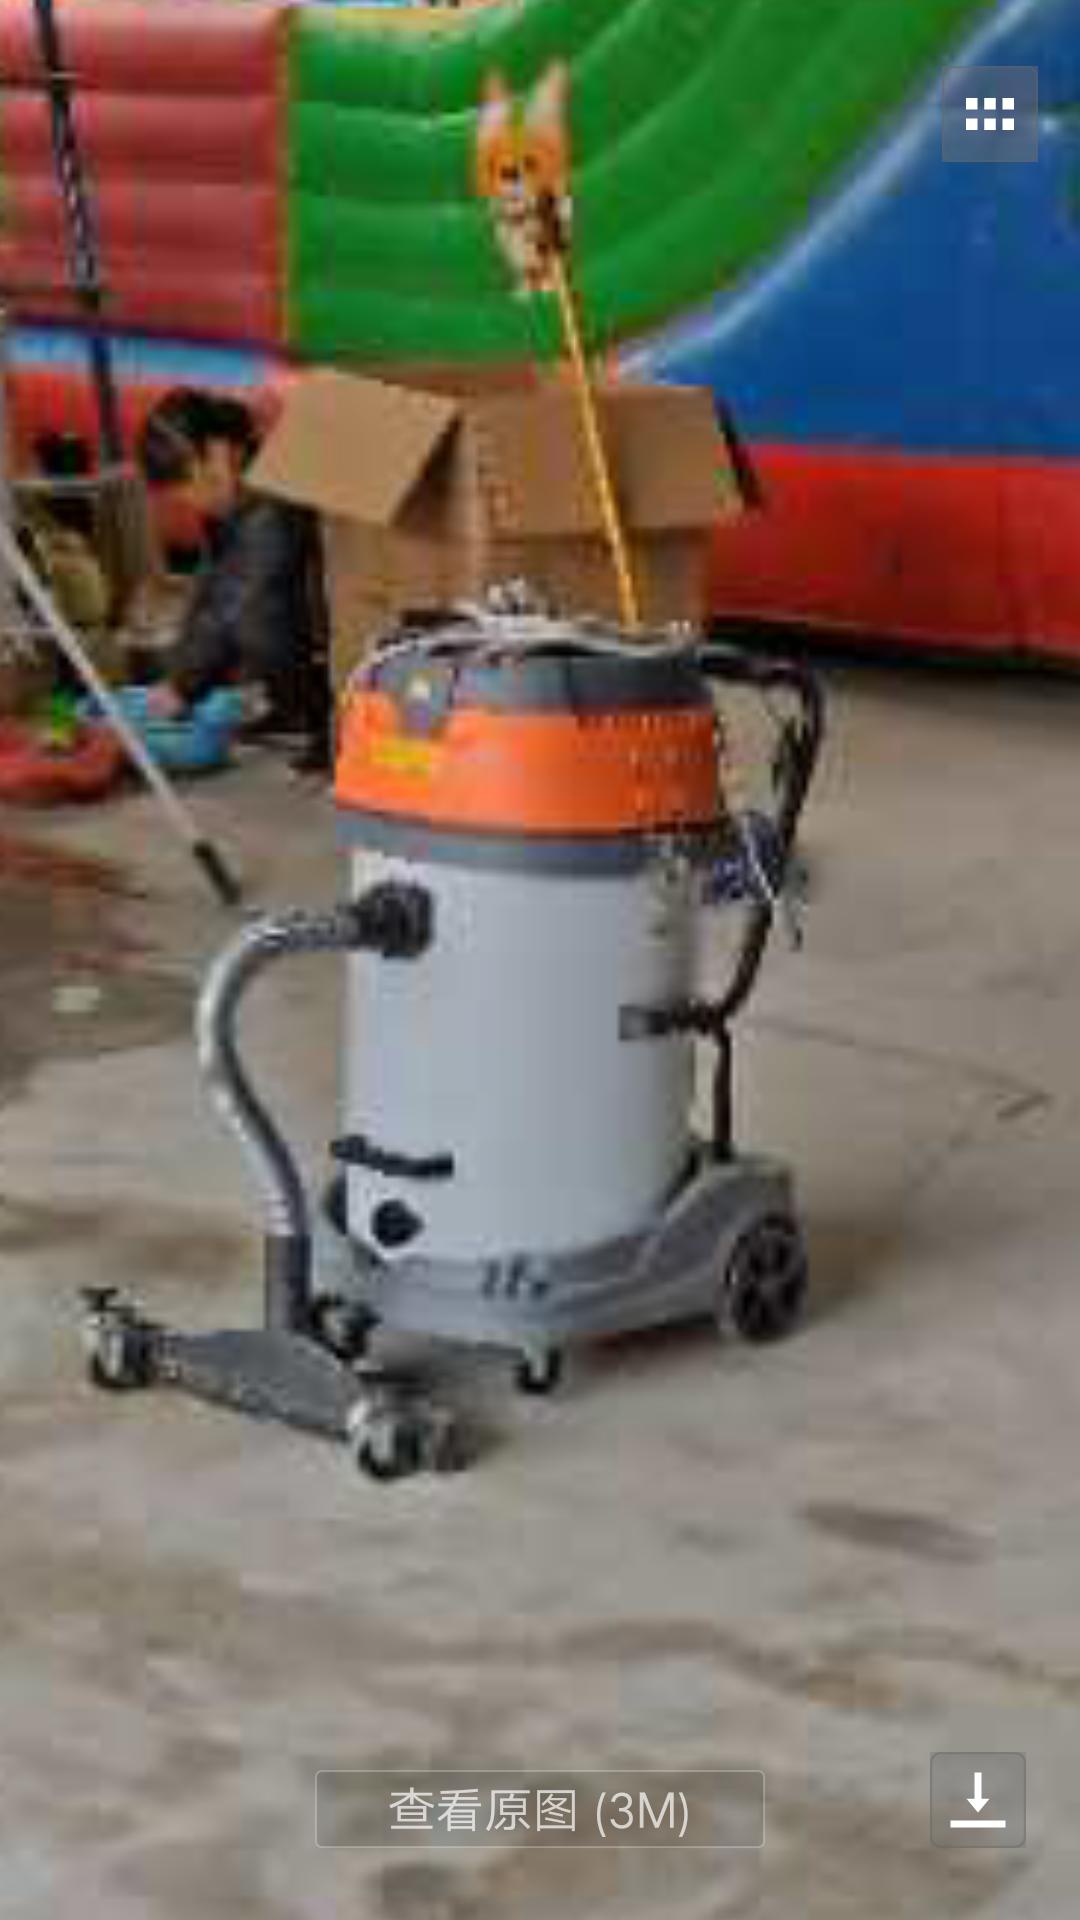 亲们说下杰诺 JN-601吸尘器质量怎样,优缺点评测分享!